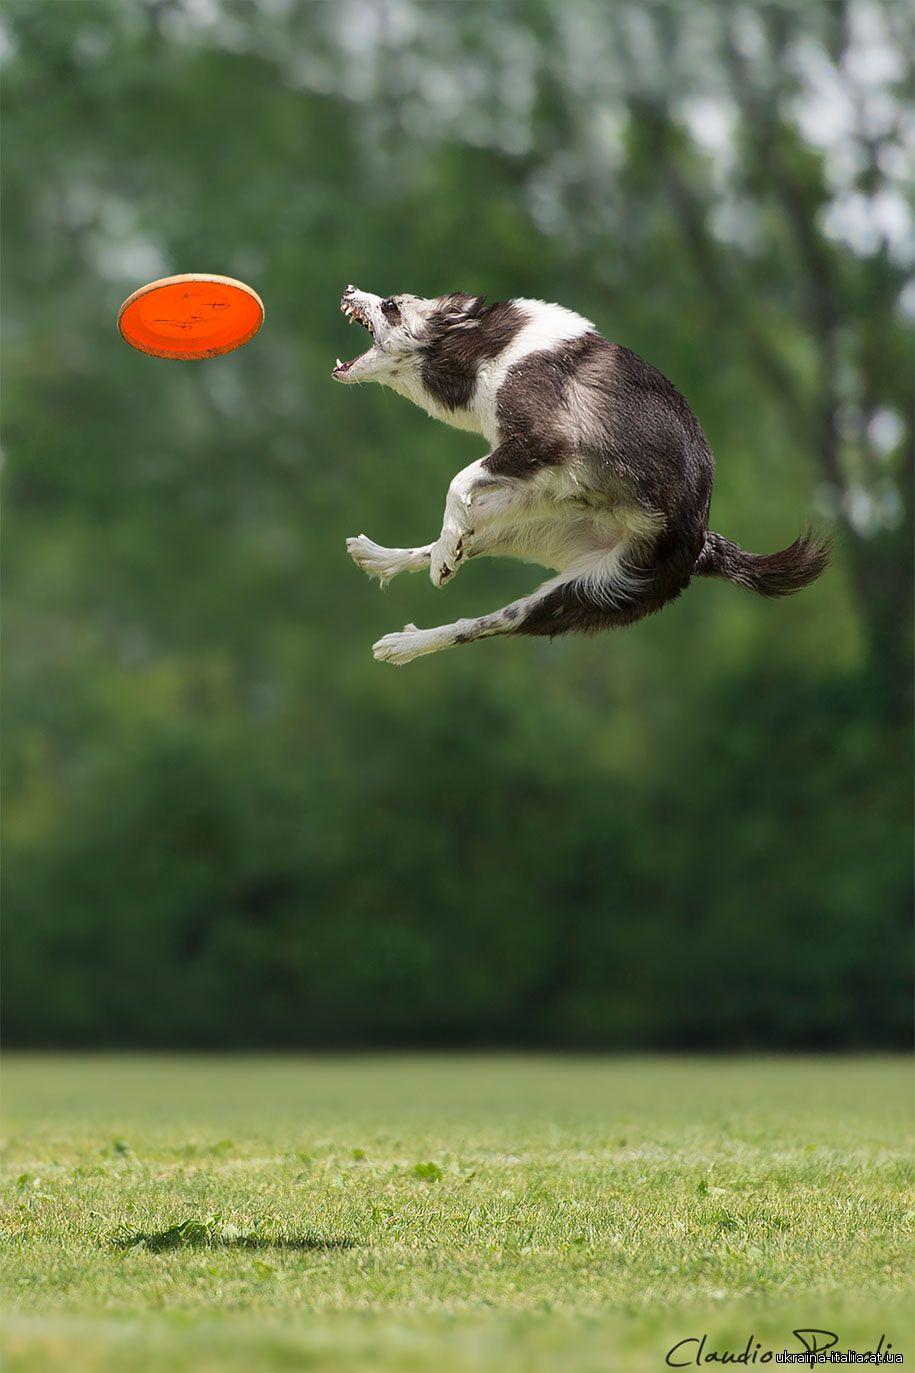 А вы знали, что собаки умеют летать? Серия фоторабот итальянского фотографа Клаудио Пикколи